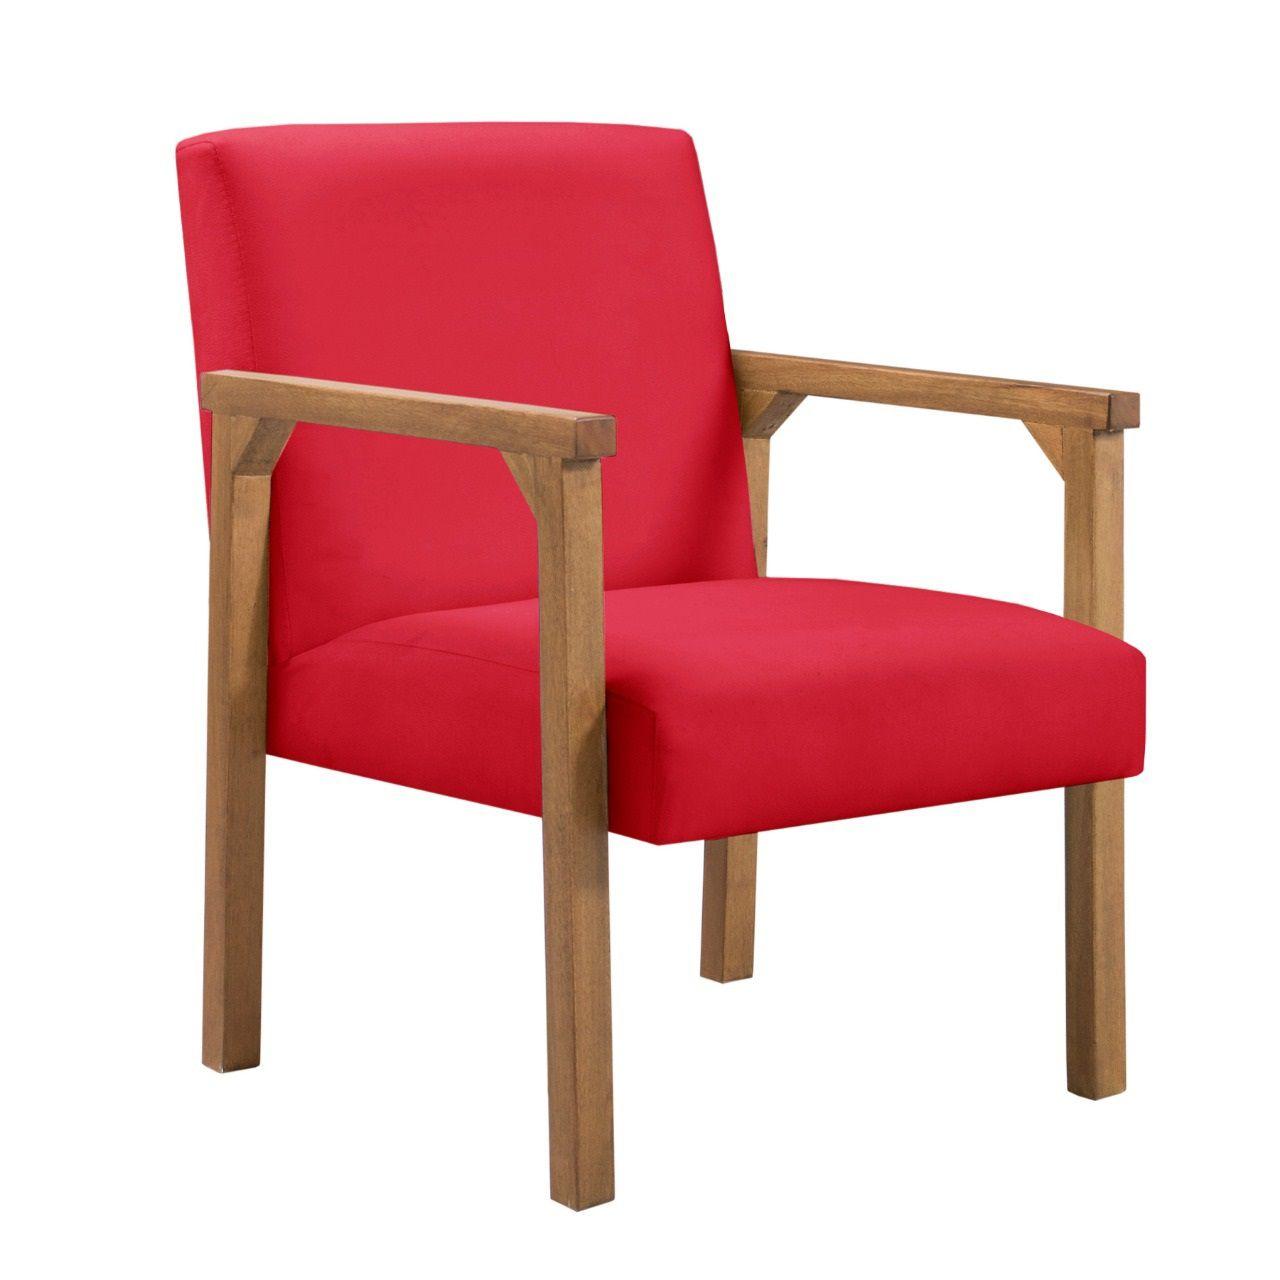 Poltrona Decorativa Jade Cadeira Sala Casa Recepção Quarto